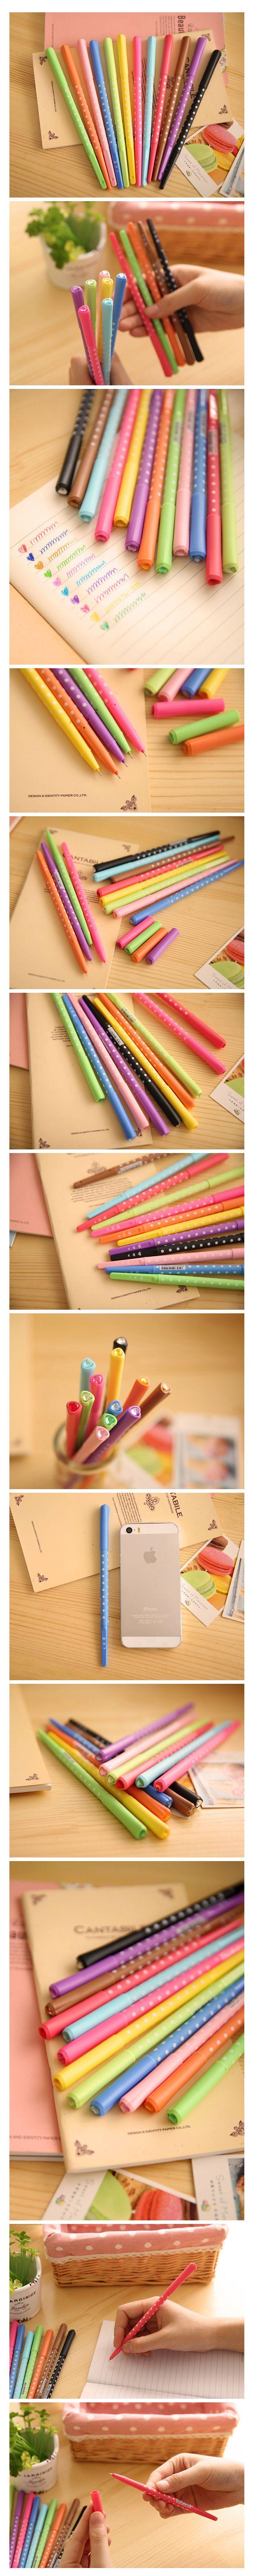 38,24 - 296,82 руб. / шт. Письменные принадлежности > Гелевые ручки